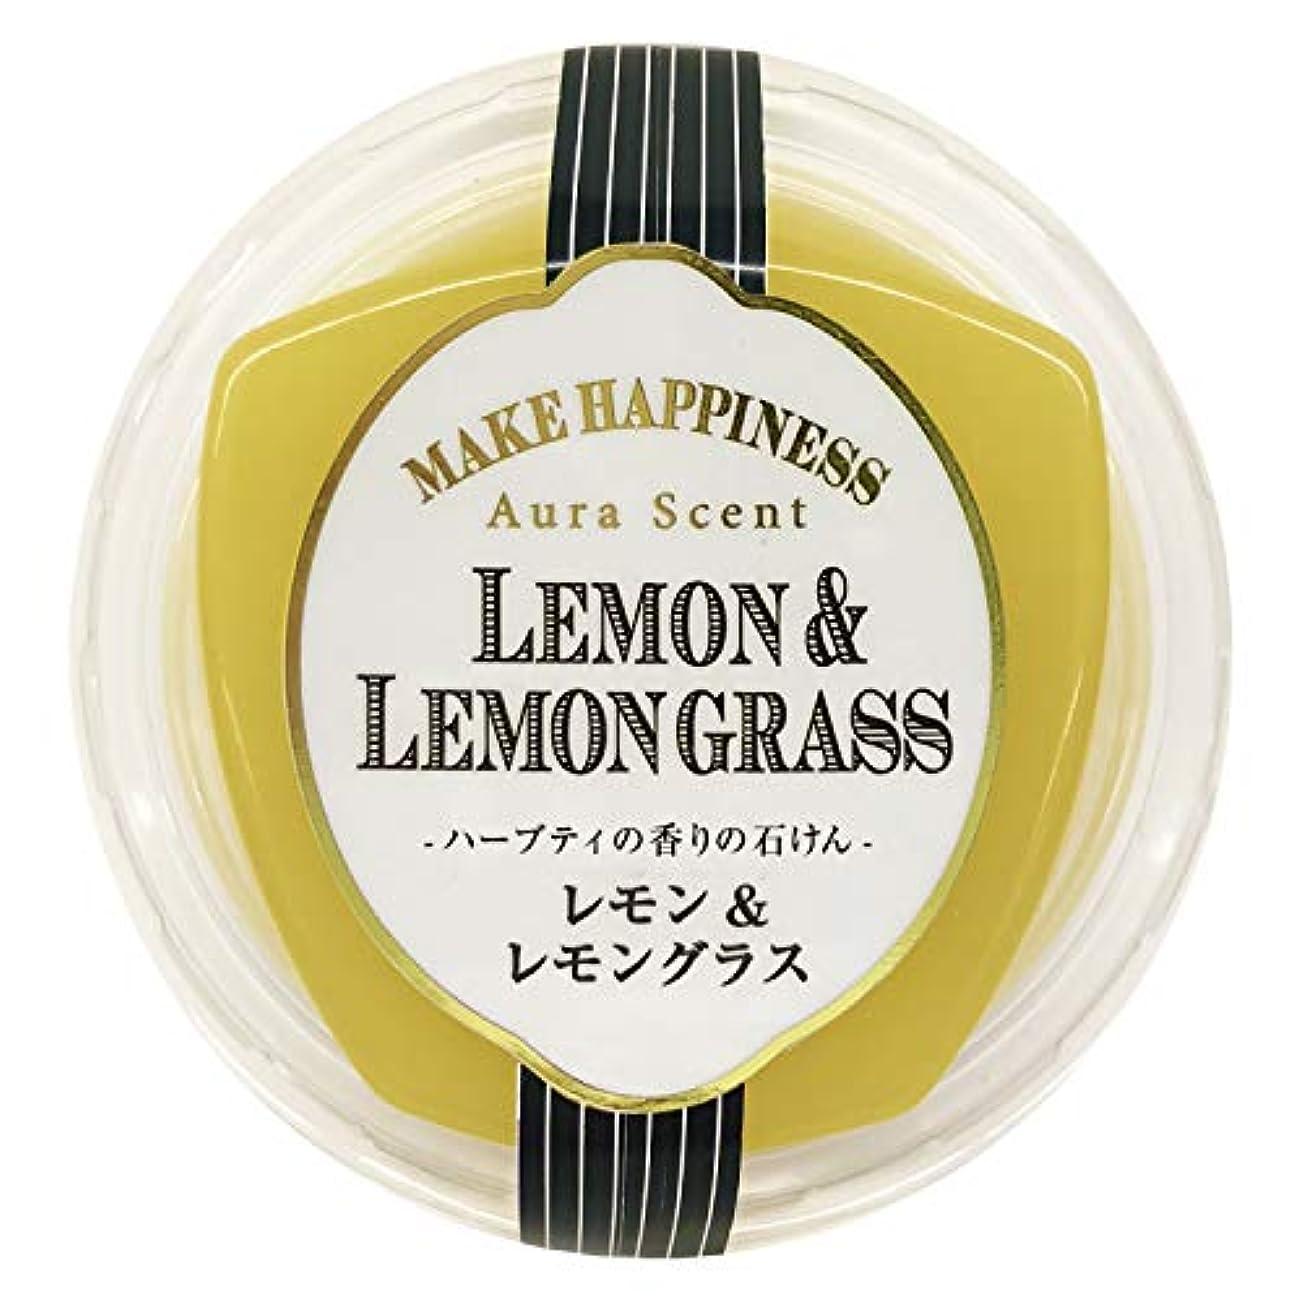 雇用者男死んでいるペリカン石鹸 オーラセント クリアソープ レモン&レモングラス 75g